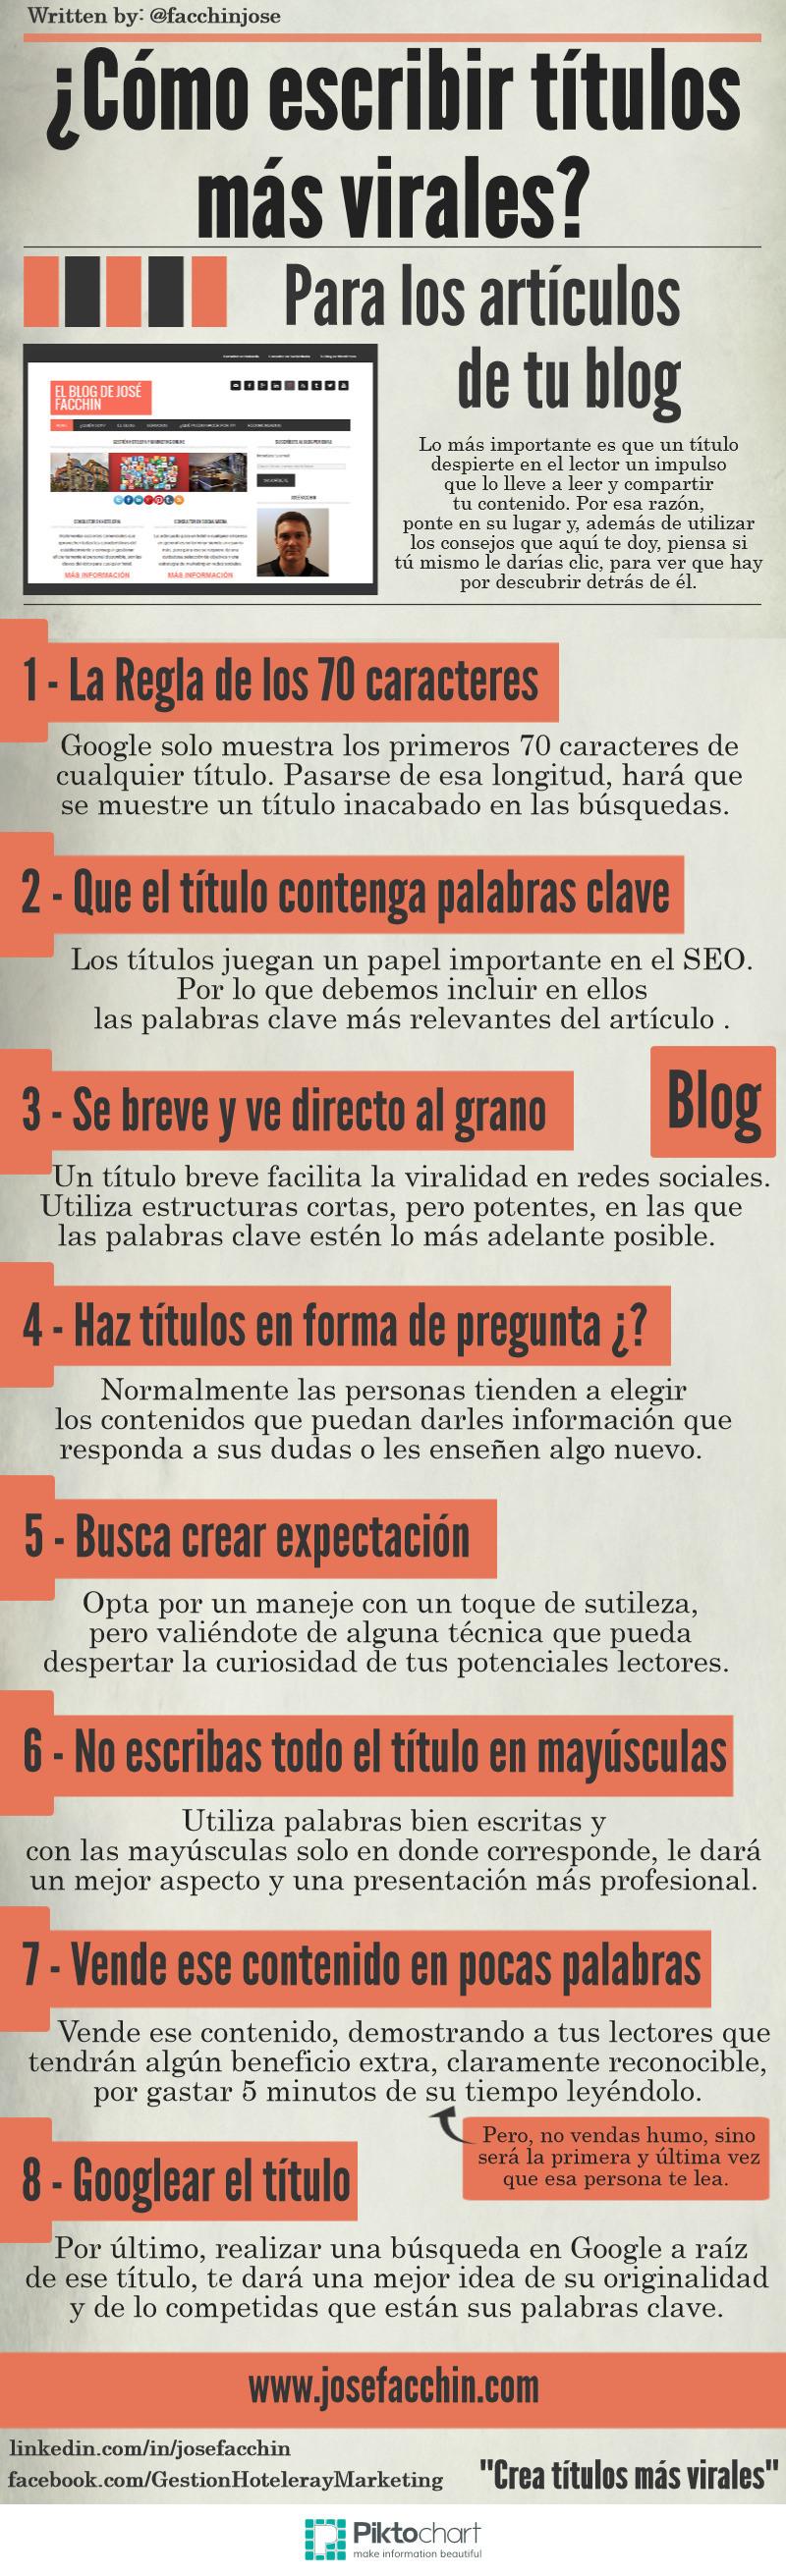 ¿Cómo escribir títulos más virales para los artículos de tu blog?